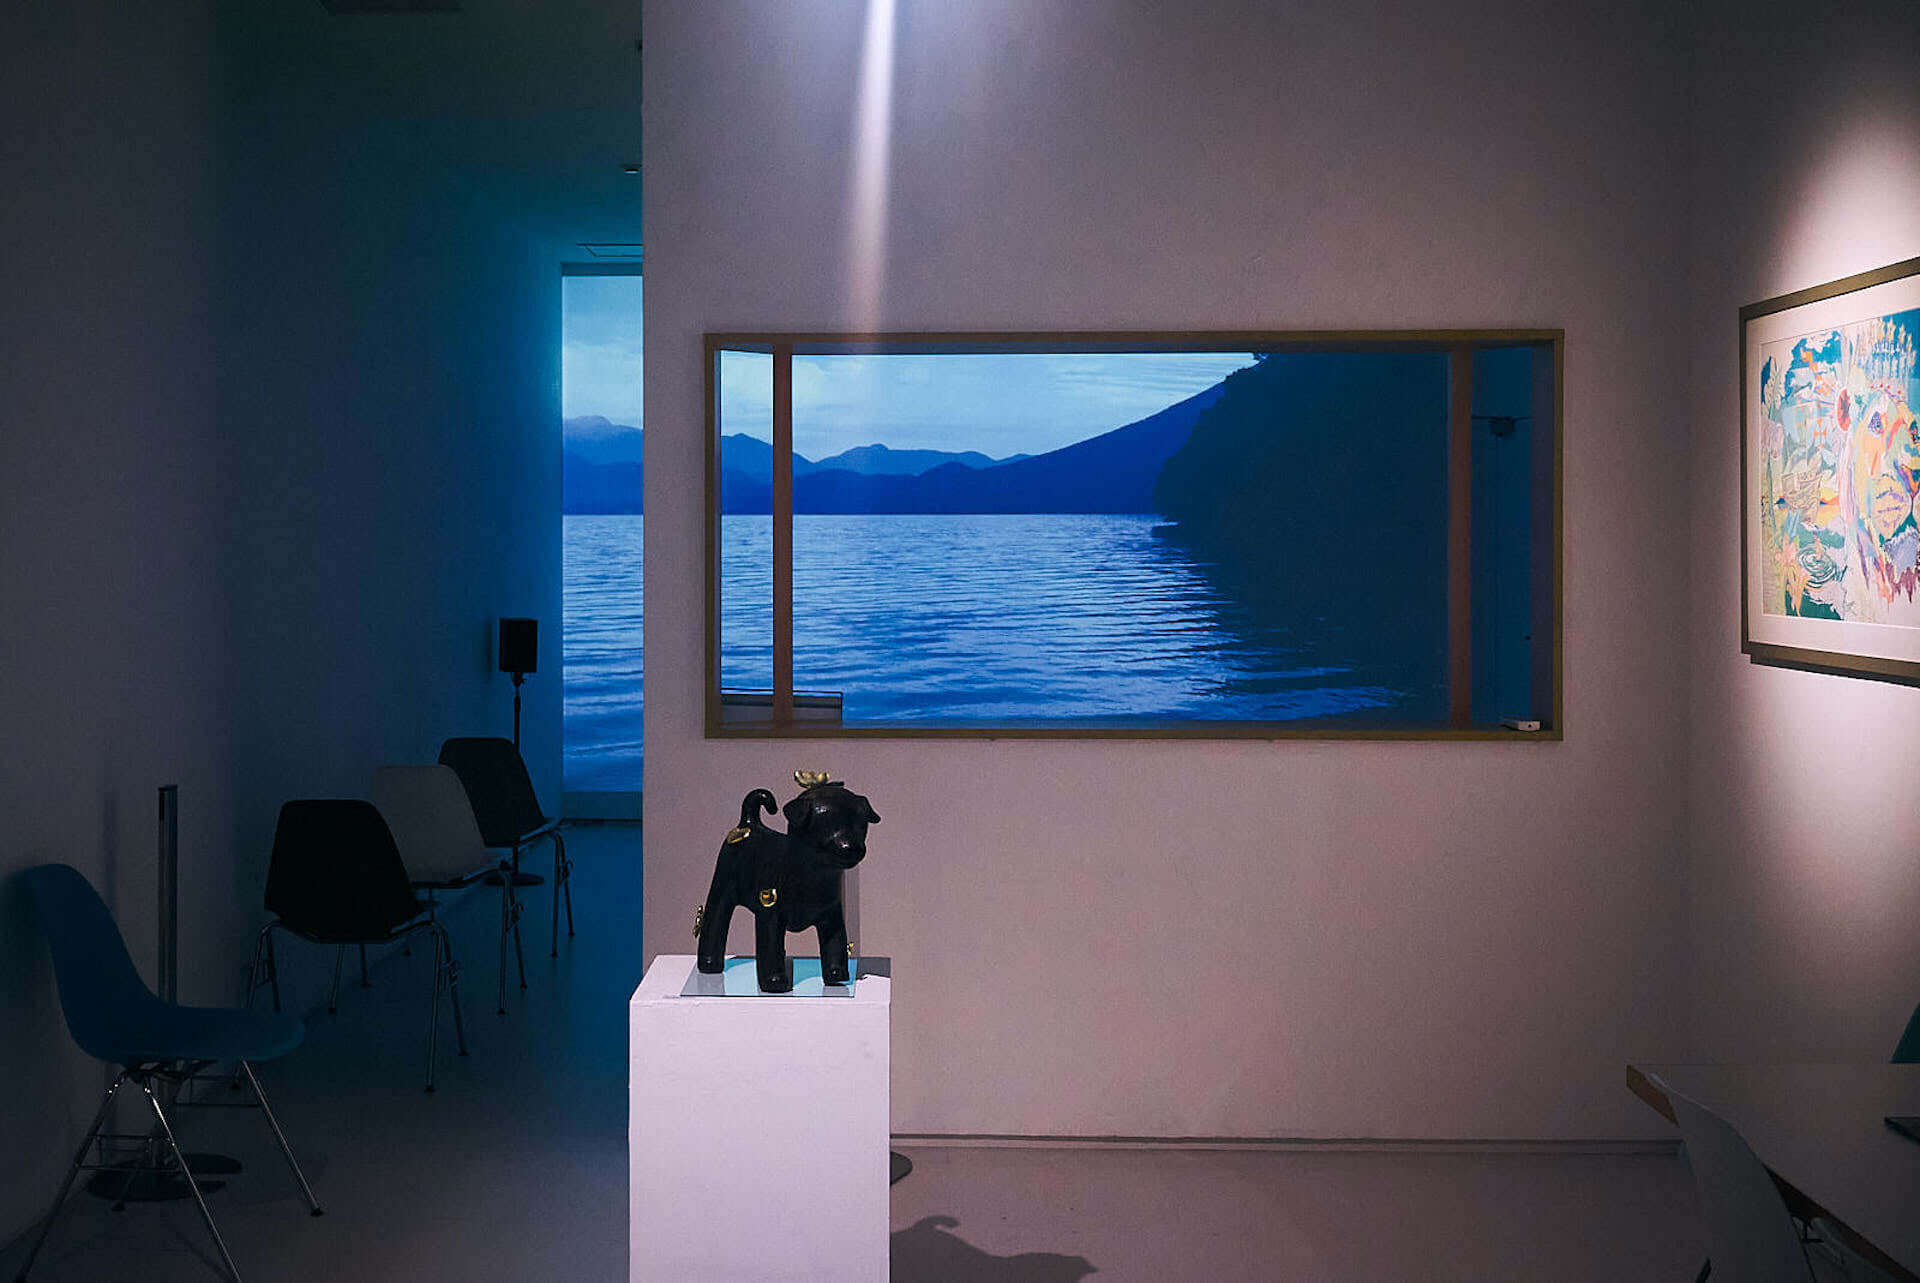 渋谷ヒカリエ「8/ATELIER」にて映像展<Komaba Film Festival 2020A/W>が開催中!映画『a hope of Nagasaki 優しい人たち』の試写会も実施 art201006_hikarie8_8-1920x1283